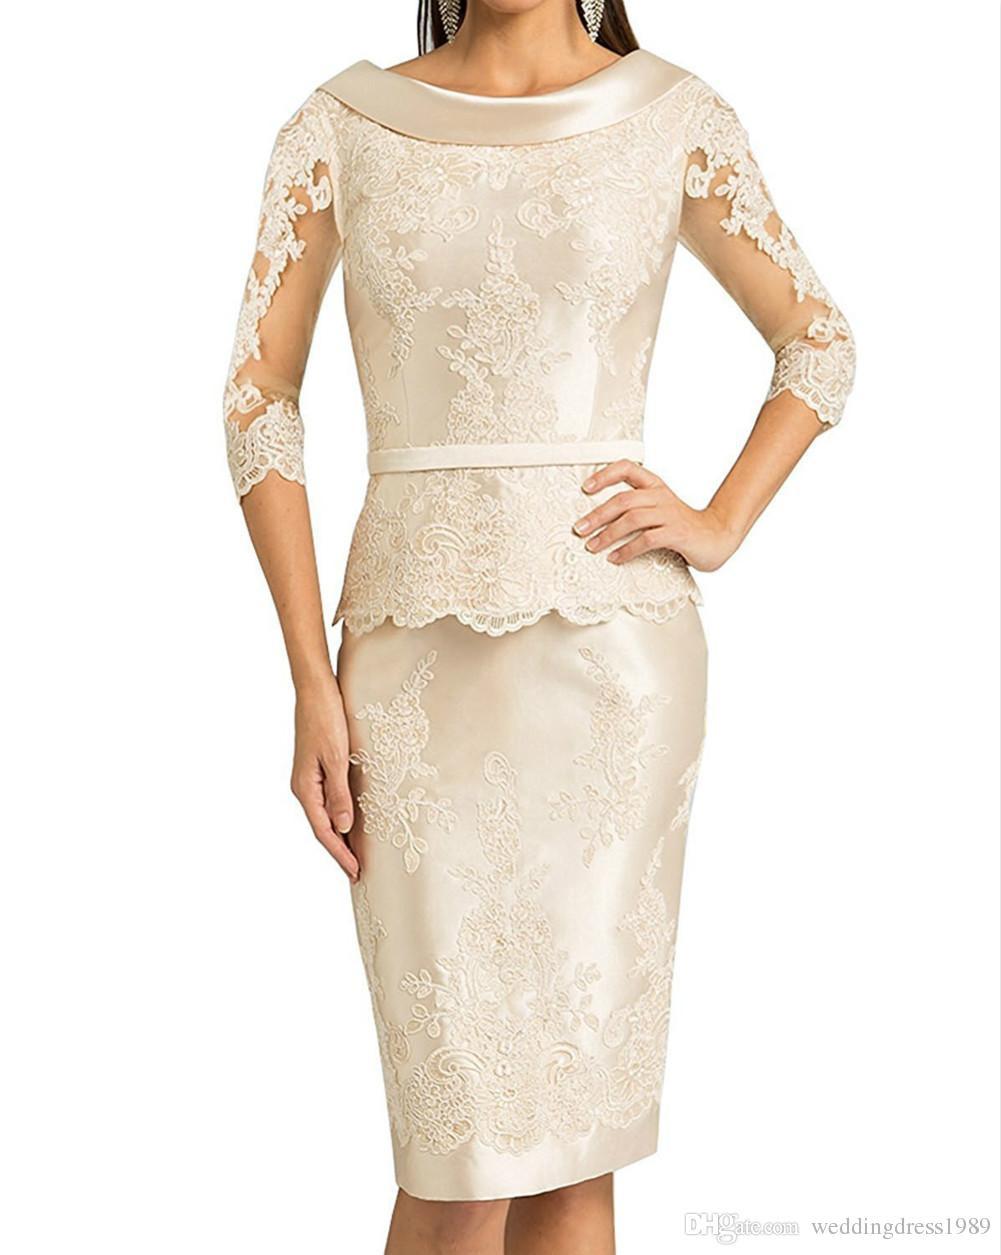 Großhandel Stunning 3/4 Langarm Mutter Formelle Kleidung Lace Mutter Des  Bräutigams Hochzeit Gast Kleid Abend Mutter Der Braut Kleid Anzug Kleider  Von